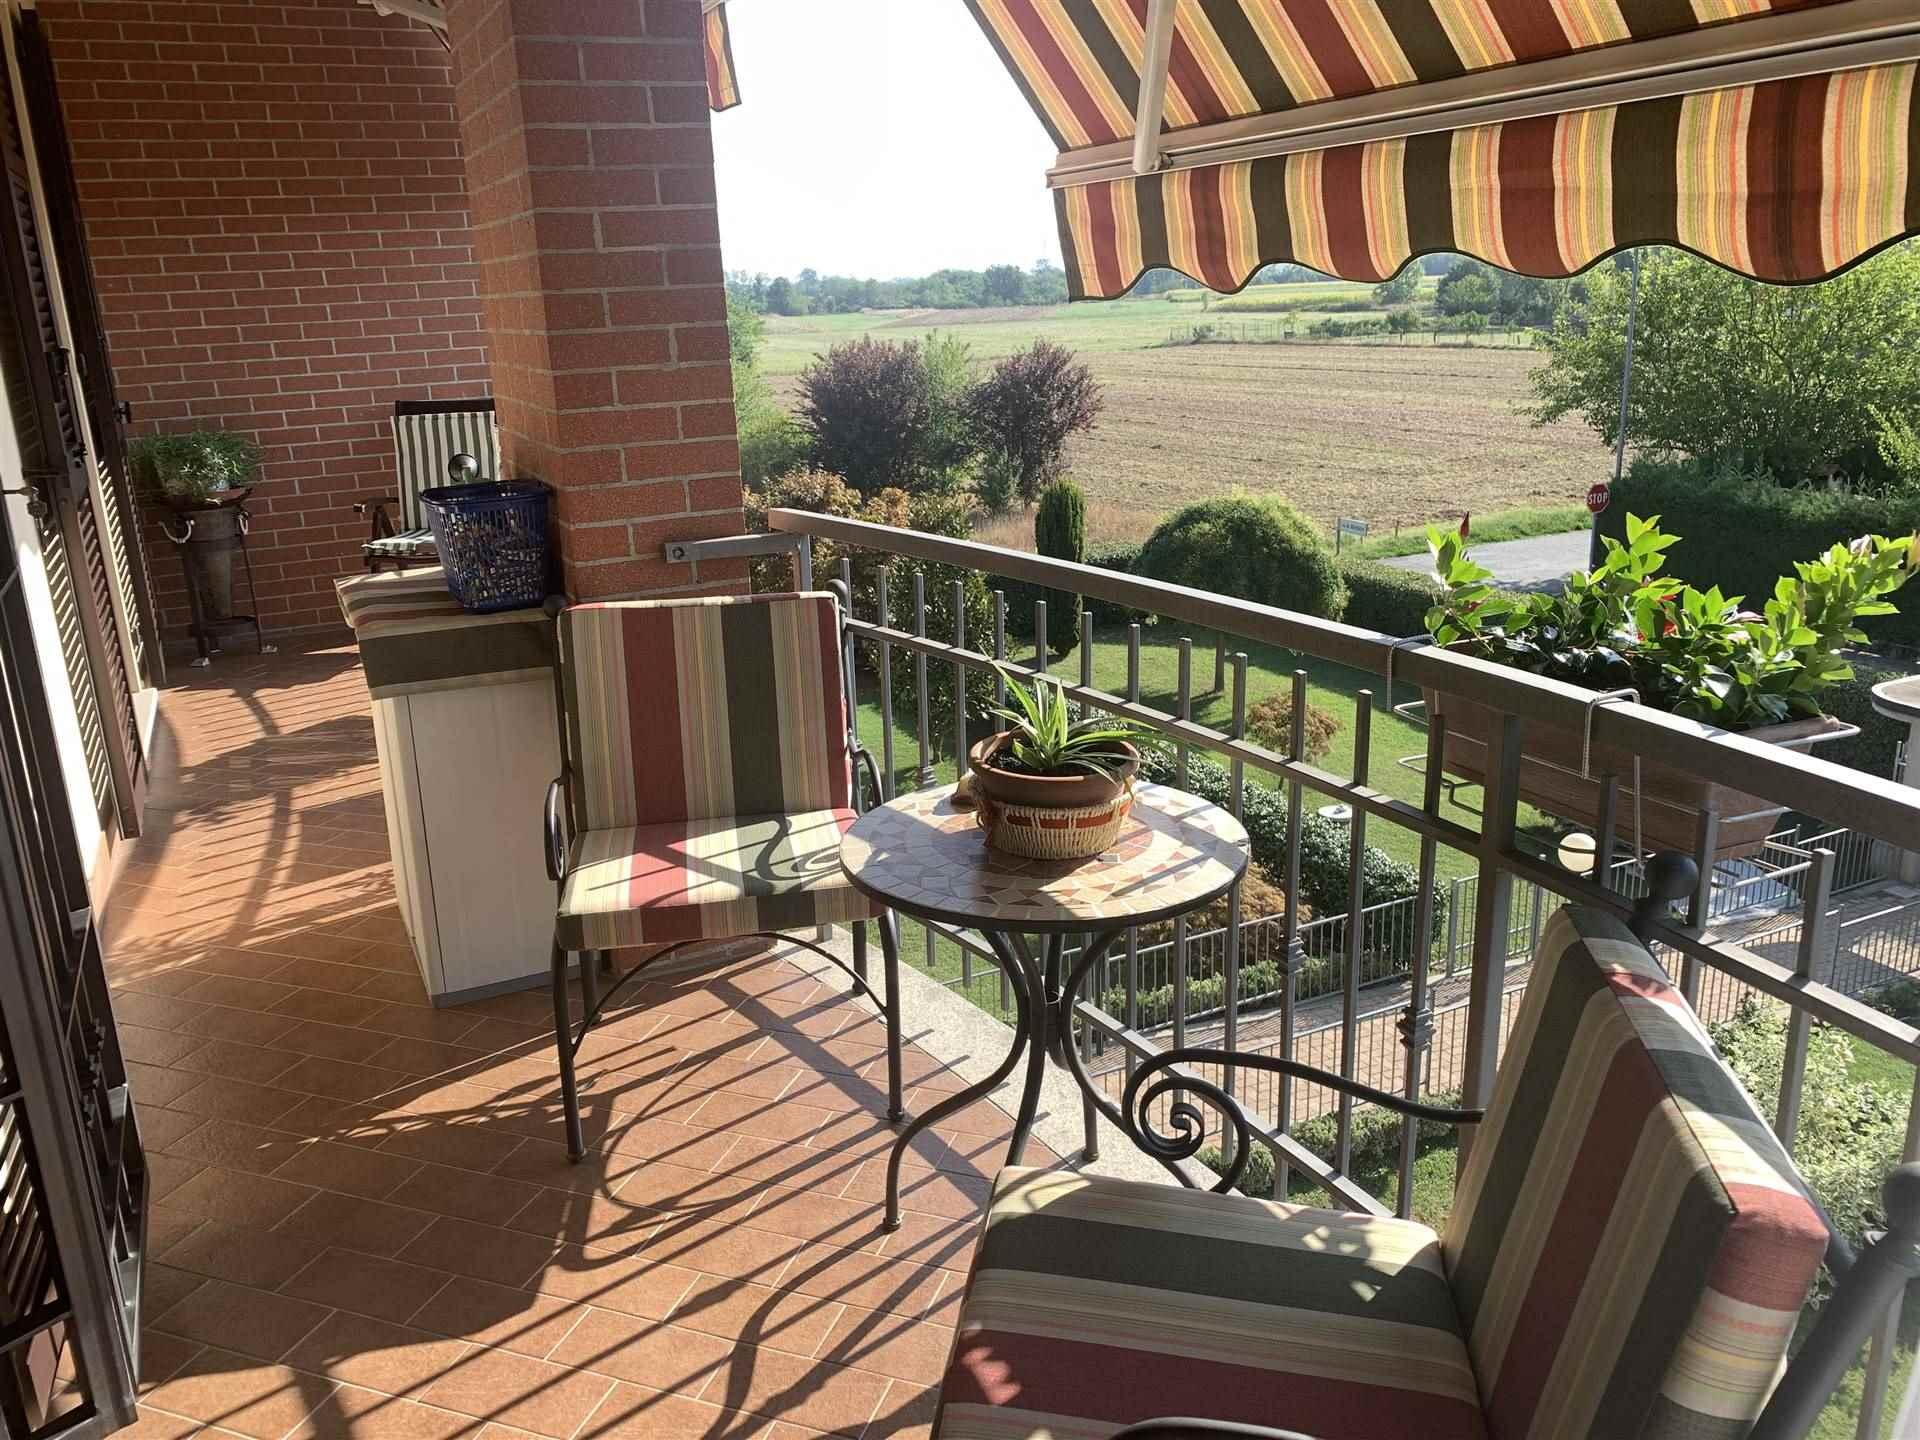 Appartamento in vendita a Basaluzzo, 6 locali, prezzo € 200.000 | CambioCasa.it